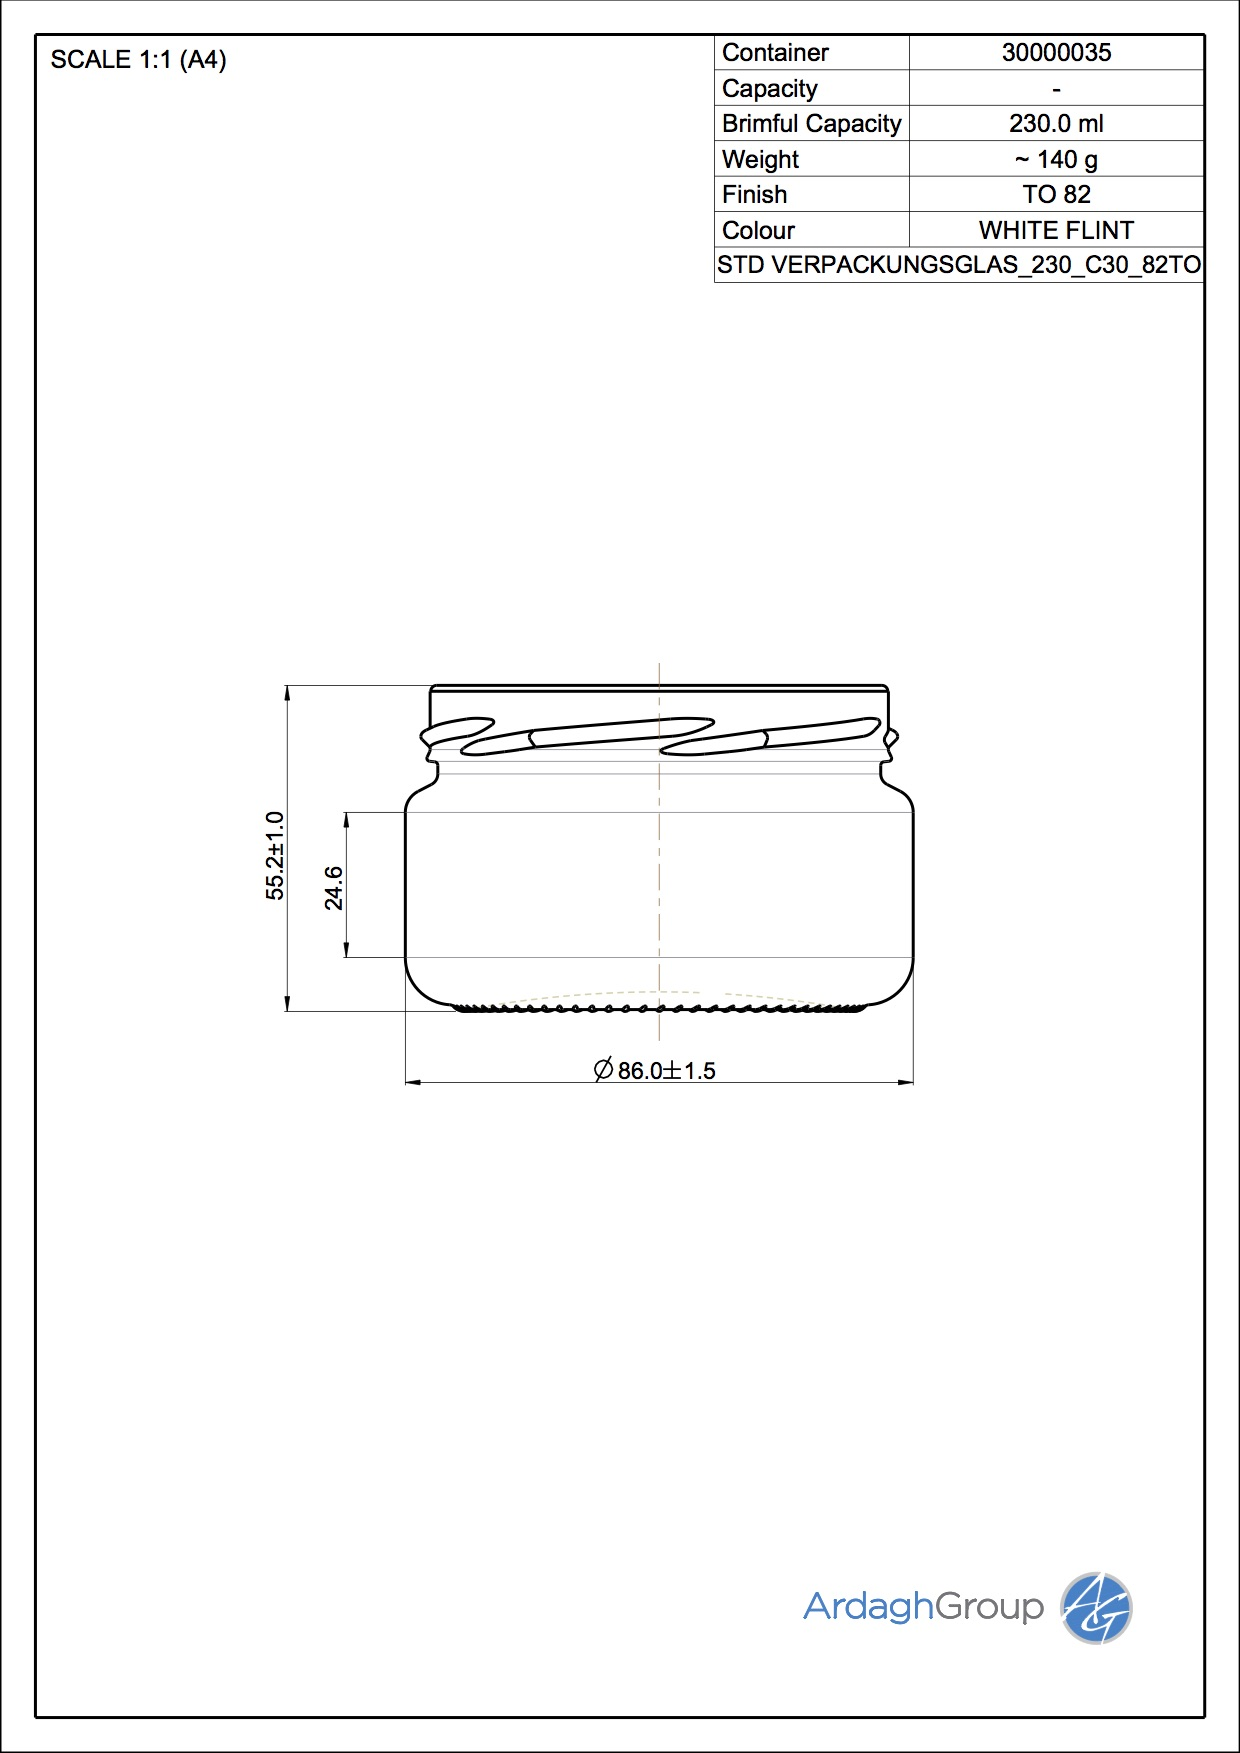 Verpackungsglas 230 C30 82TO